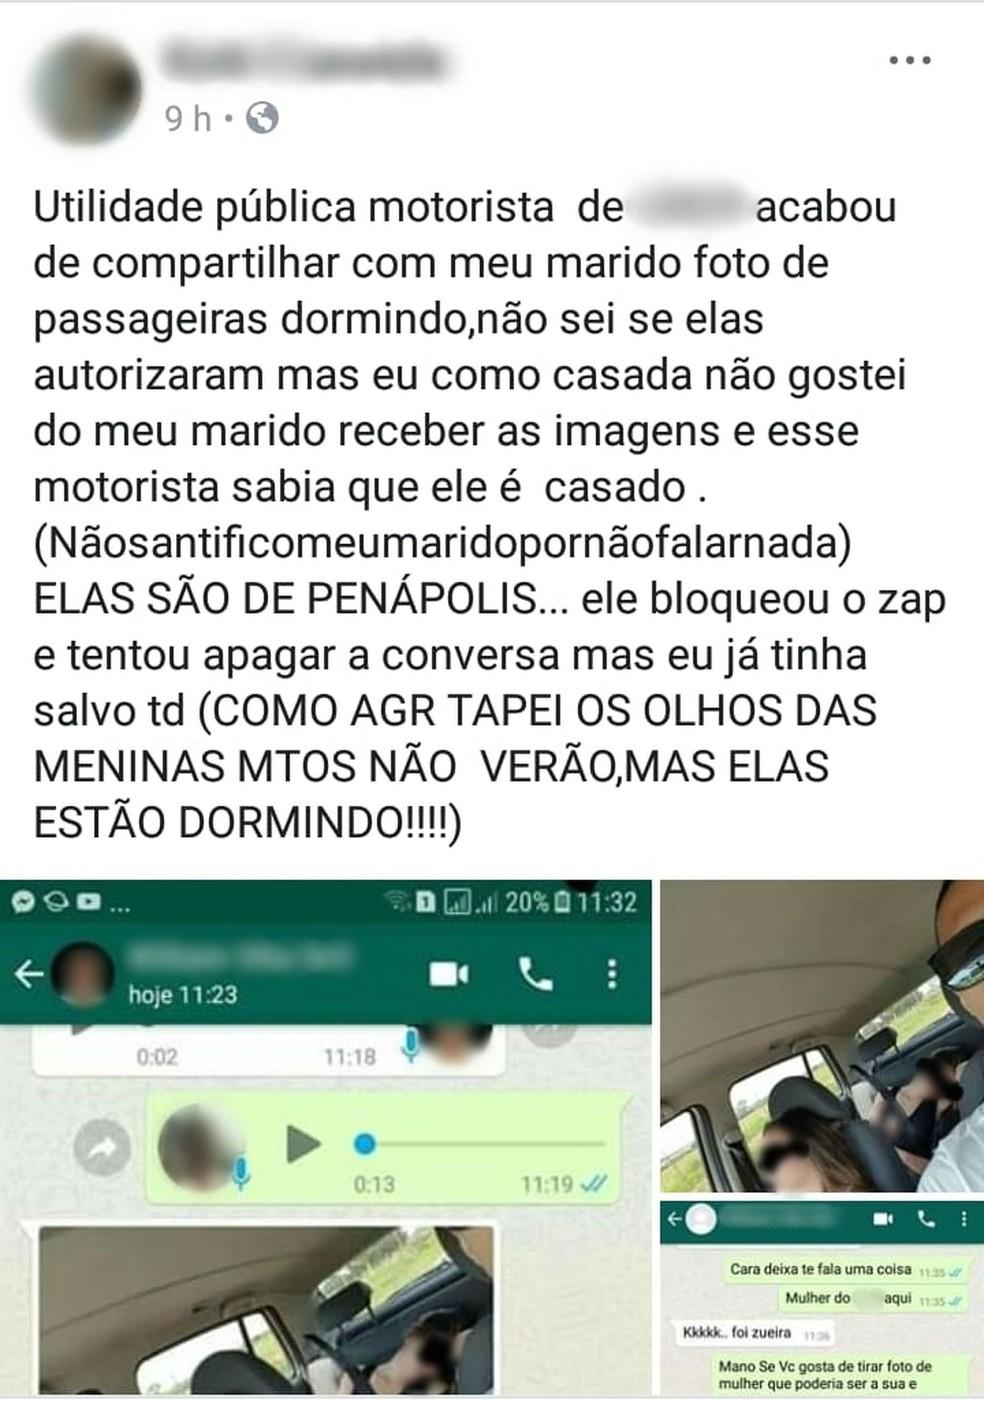 Mulher que recebeu foto de passageiras dormindo publicou nas redes sociais repudiando ação do motorista — Foto: ATAPP/Divulgação